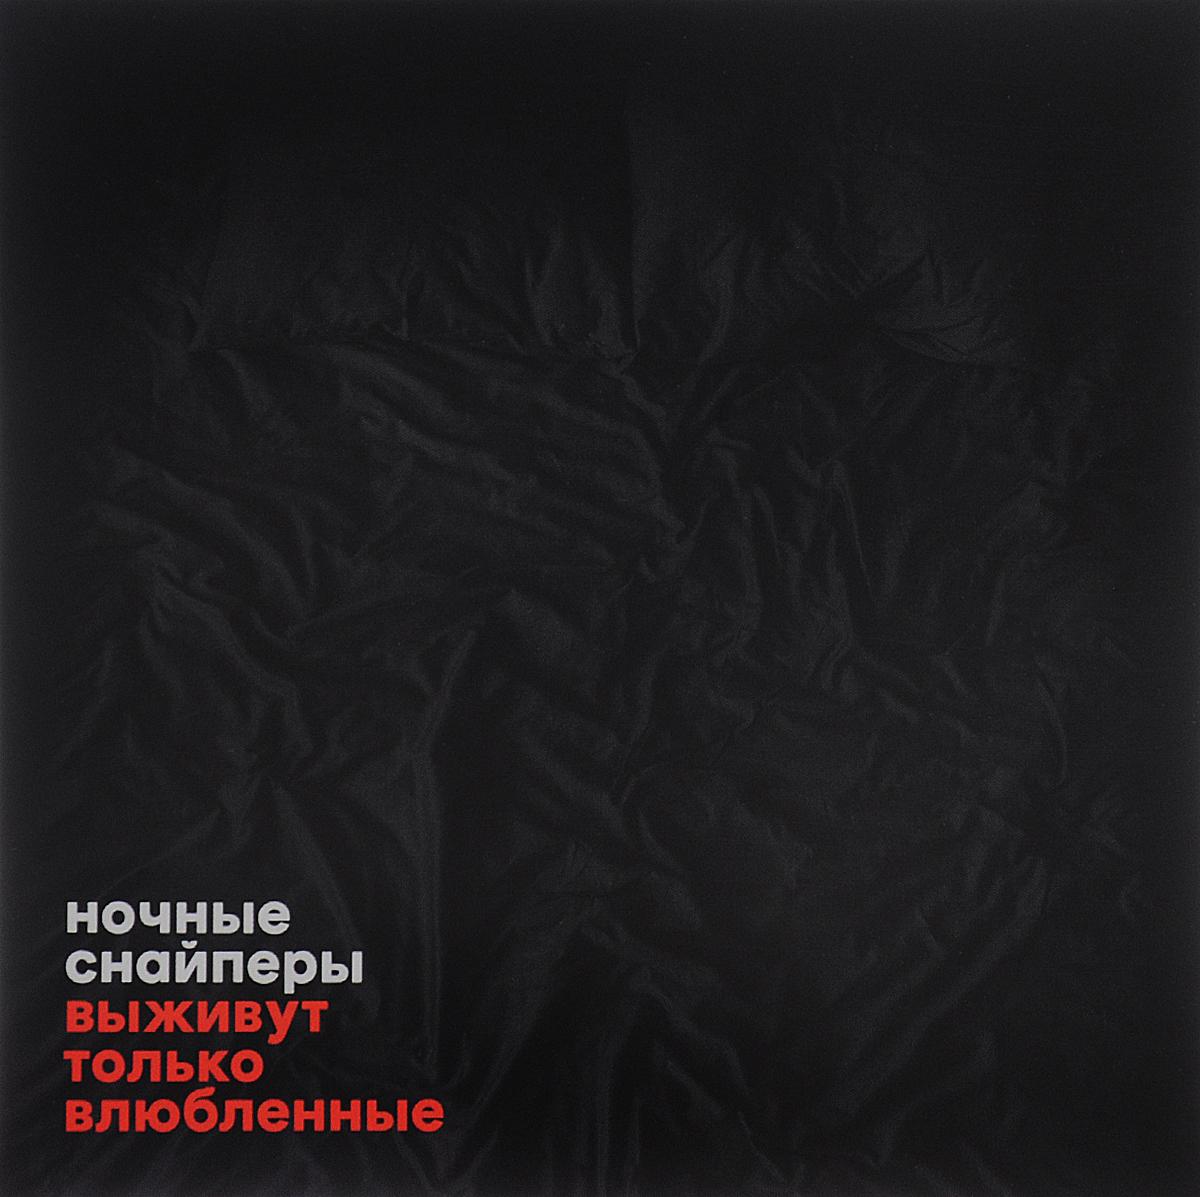 Издание содержит раскладку с фотографией и текстами песен на русском языке.